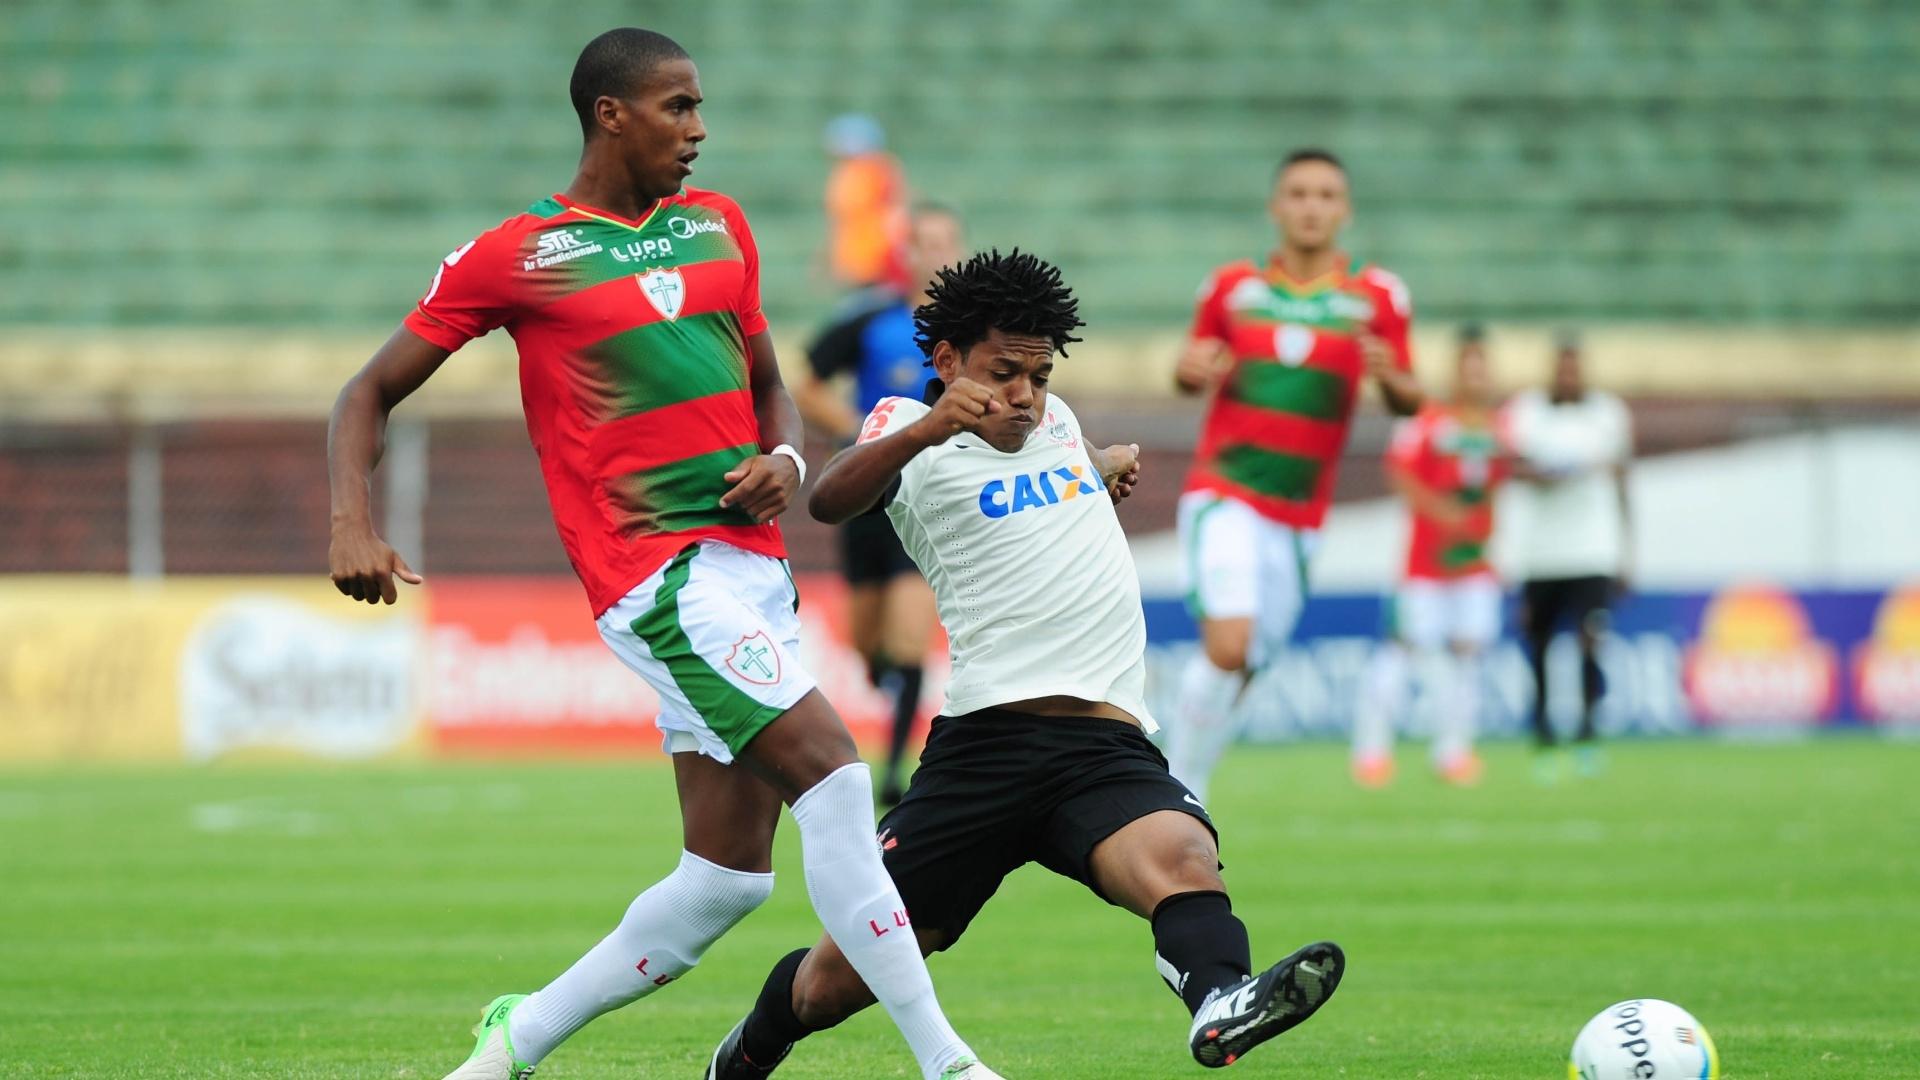 19.jan.2014 - Romarinho disputa bola com Diego Silva da Portuguesa durante partida pelo Campeonato Paulista